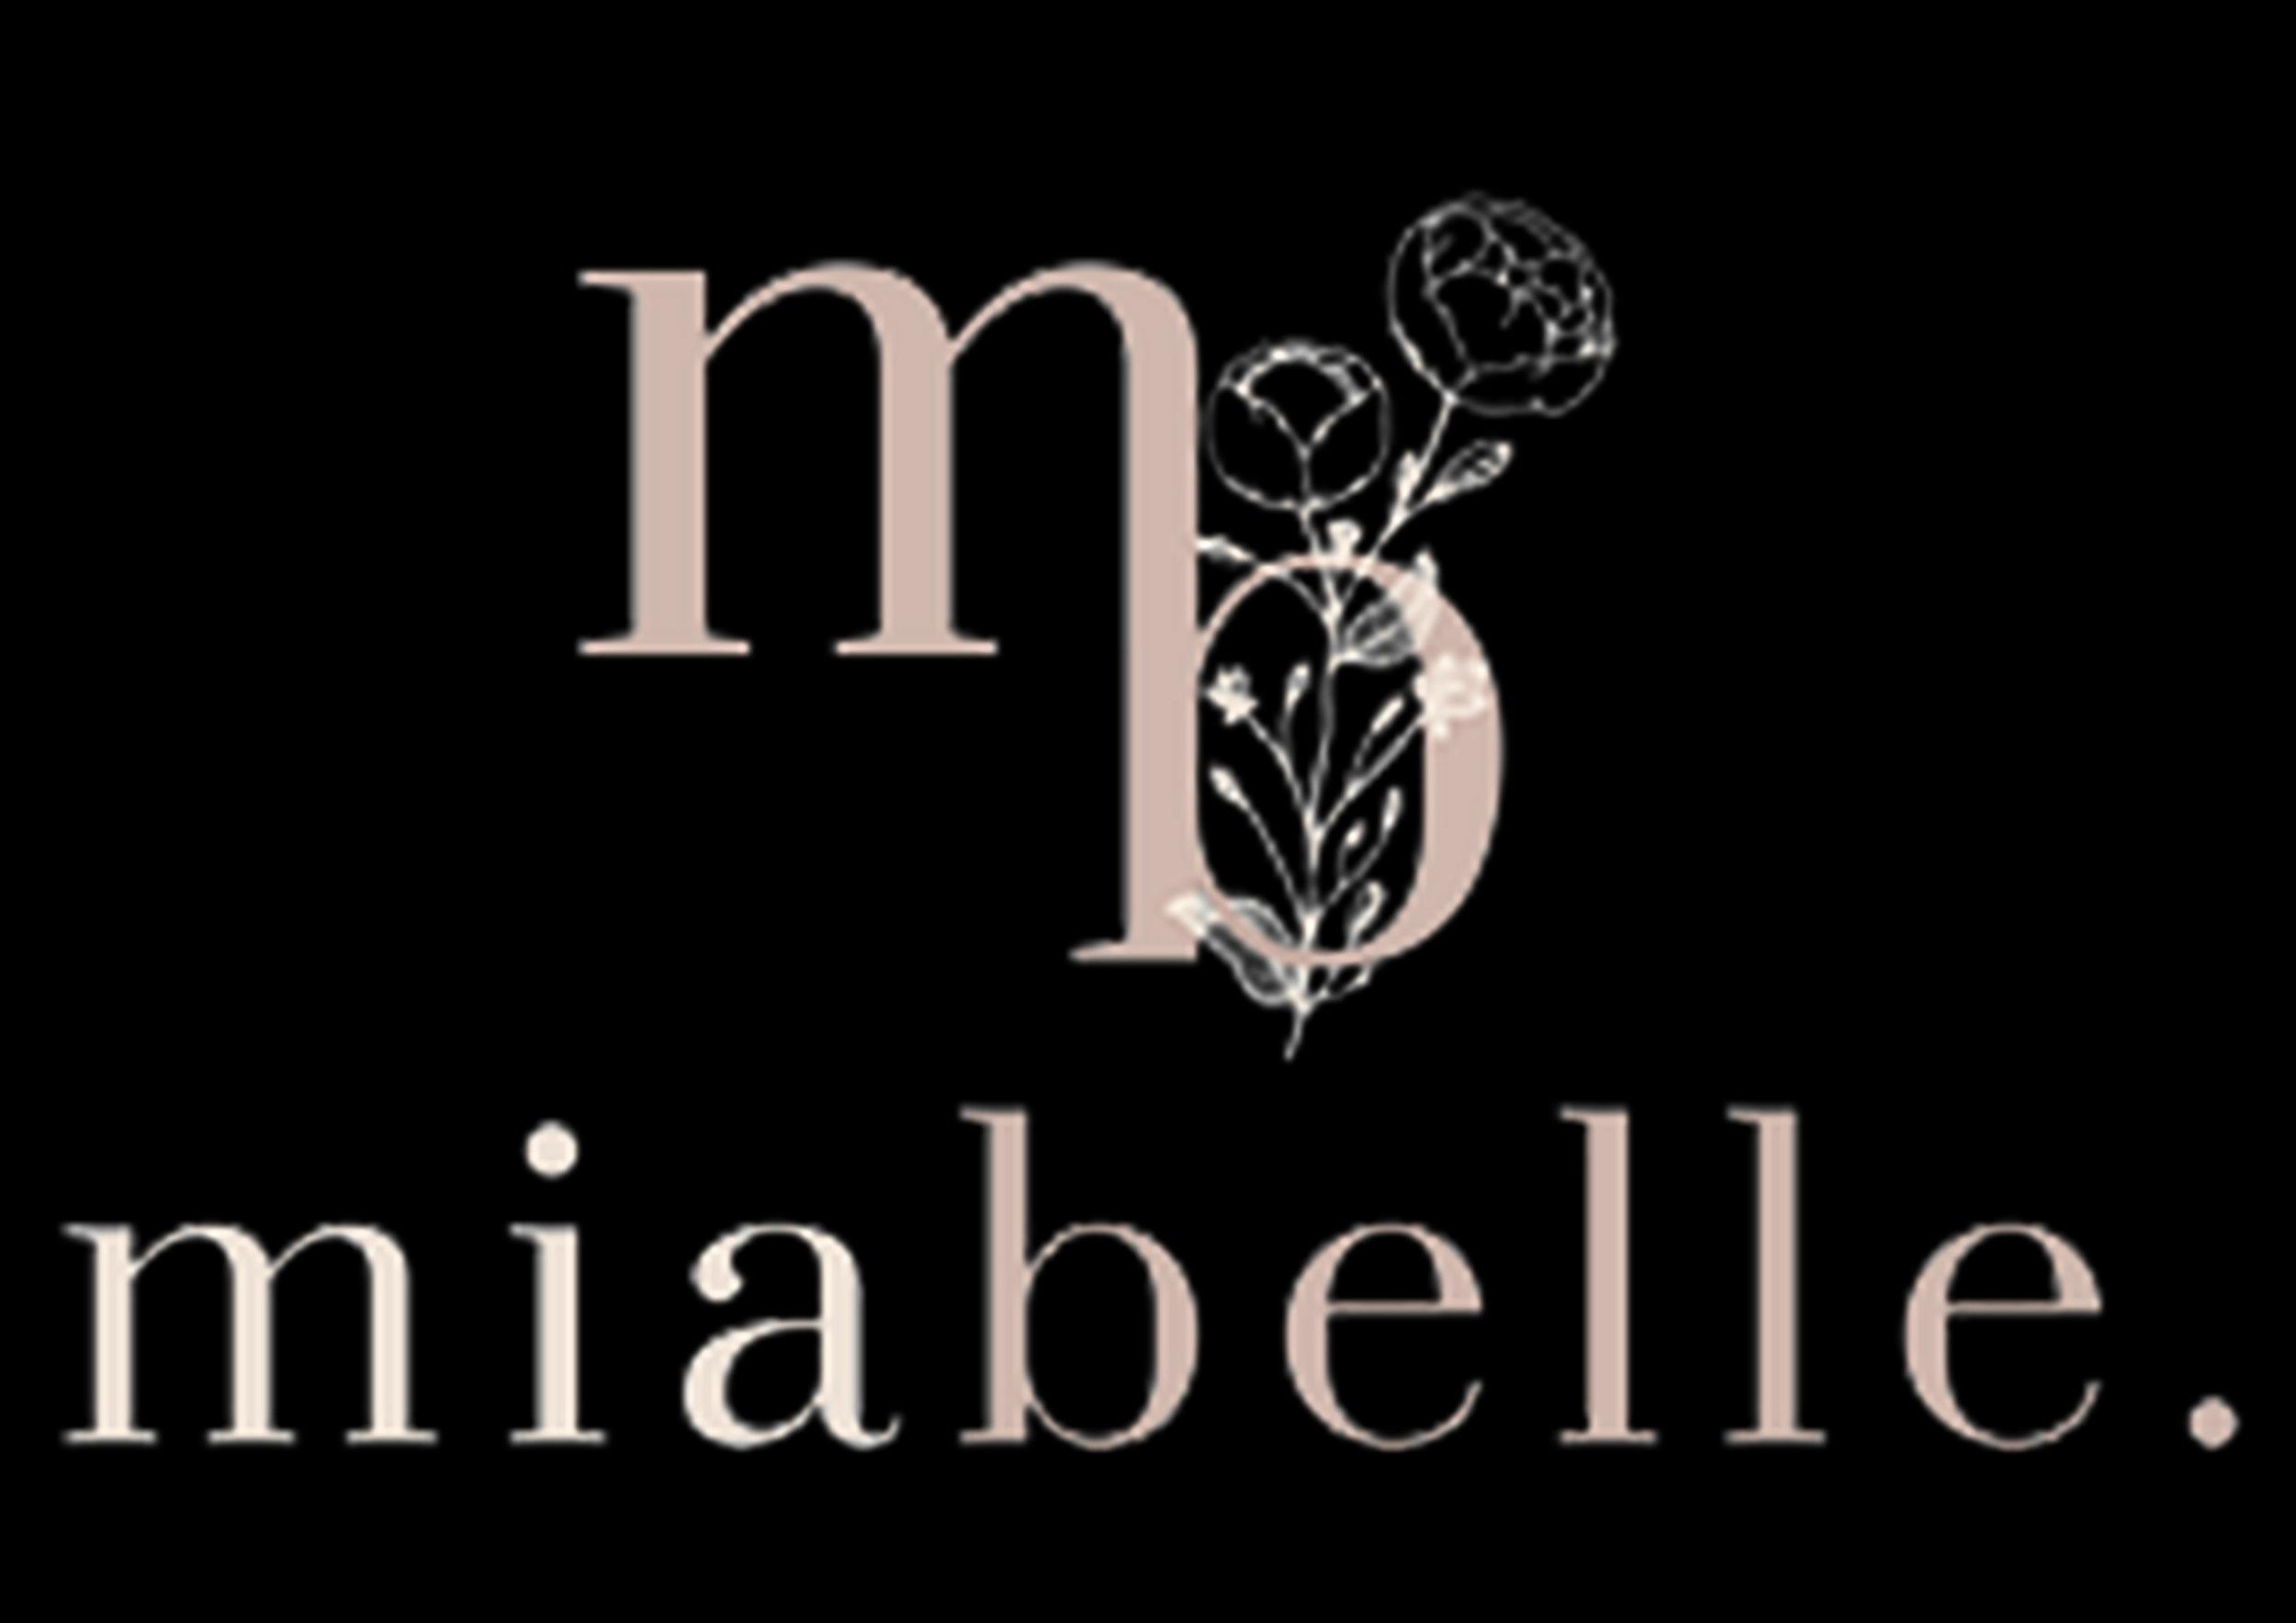 Miabelle.jpg